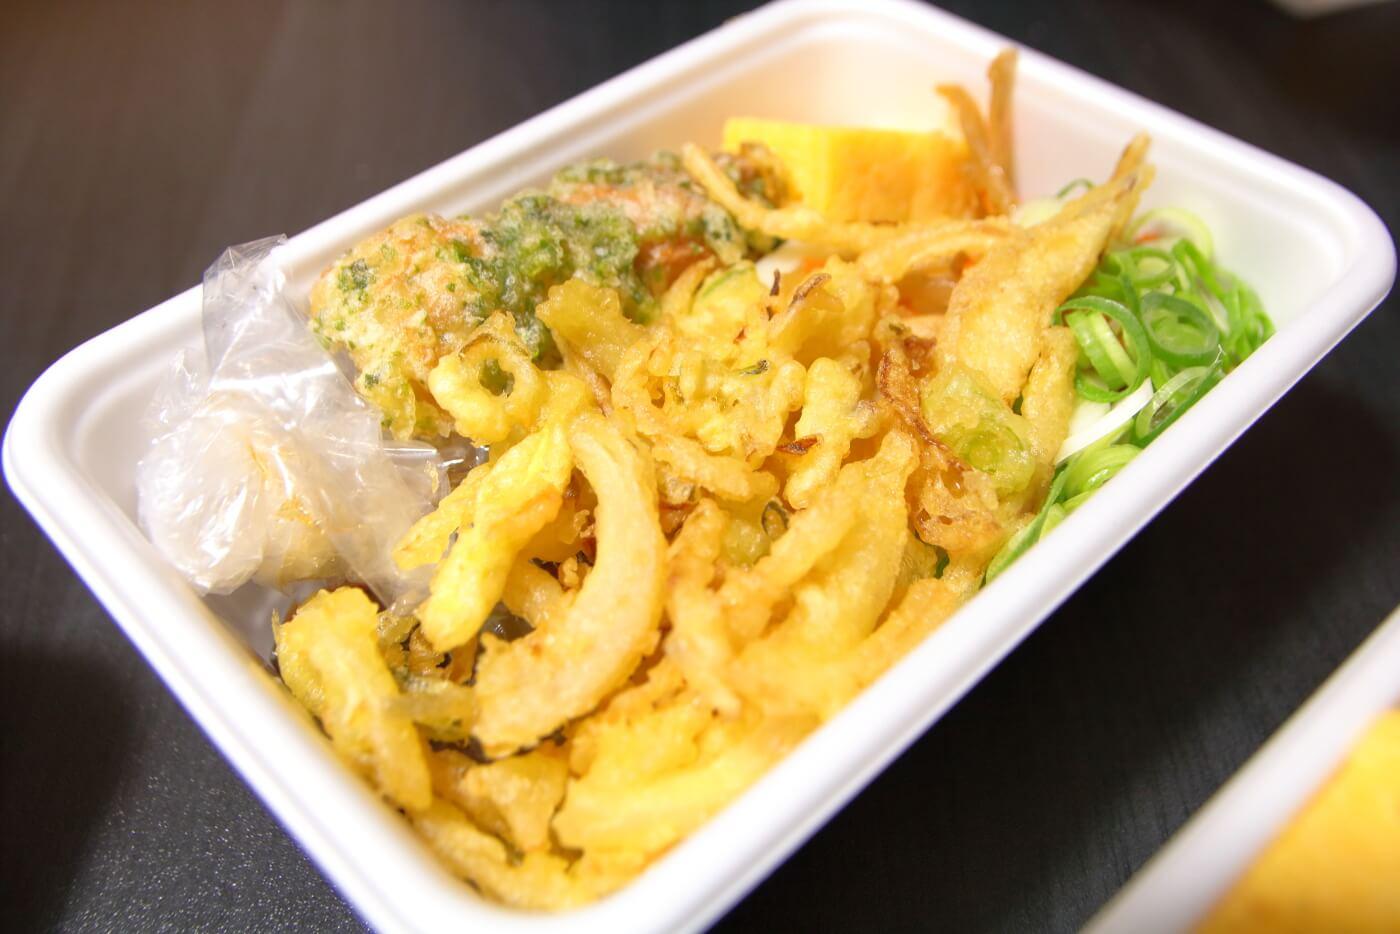 丸亀製麺 うどん弁当 2種の天ぷらと定番おかずのうどん弁当